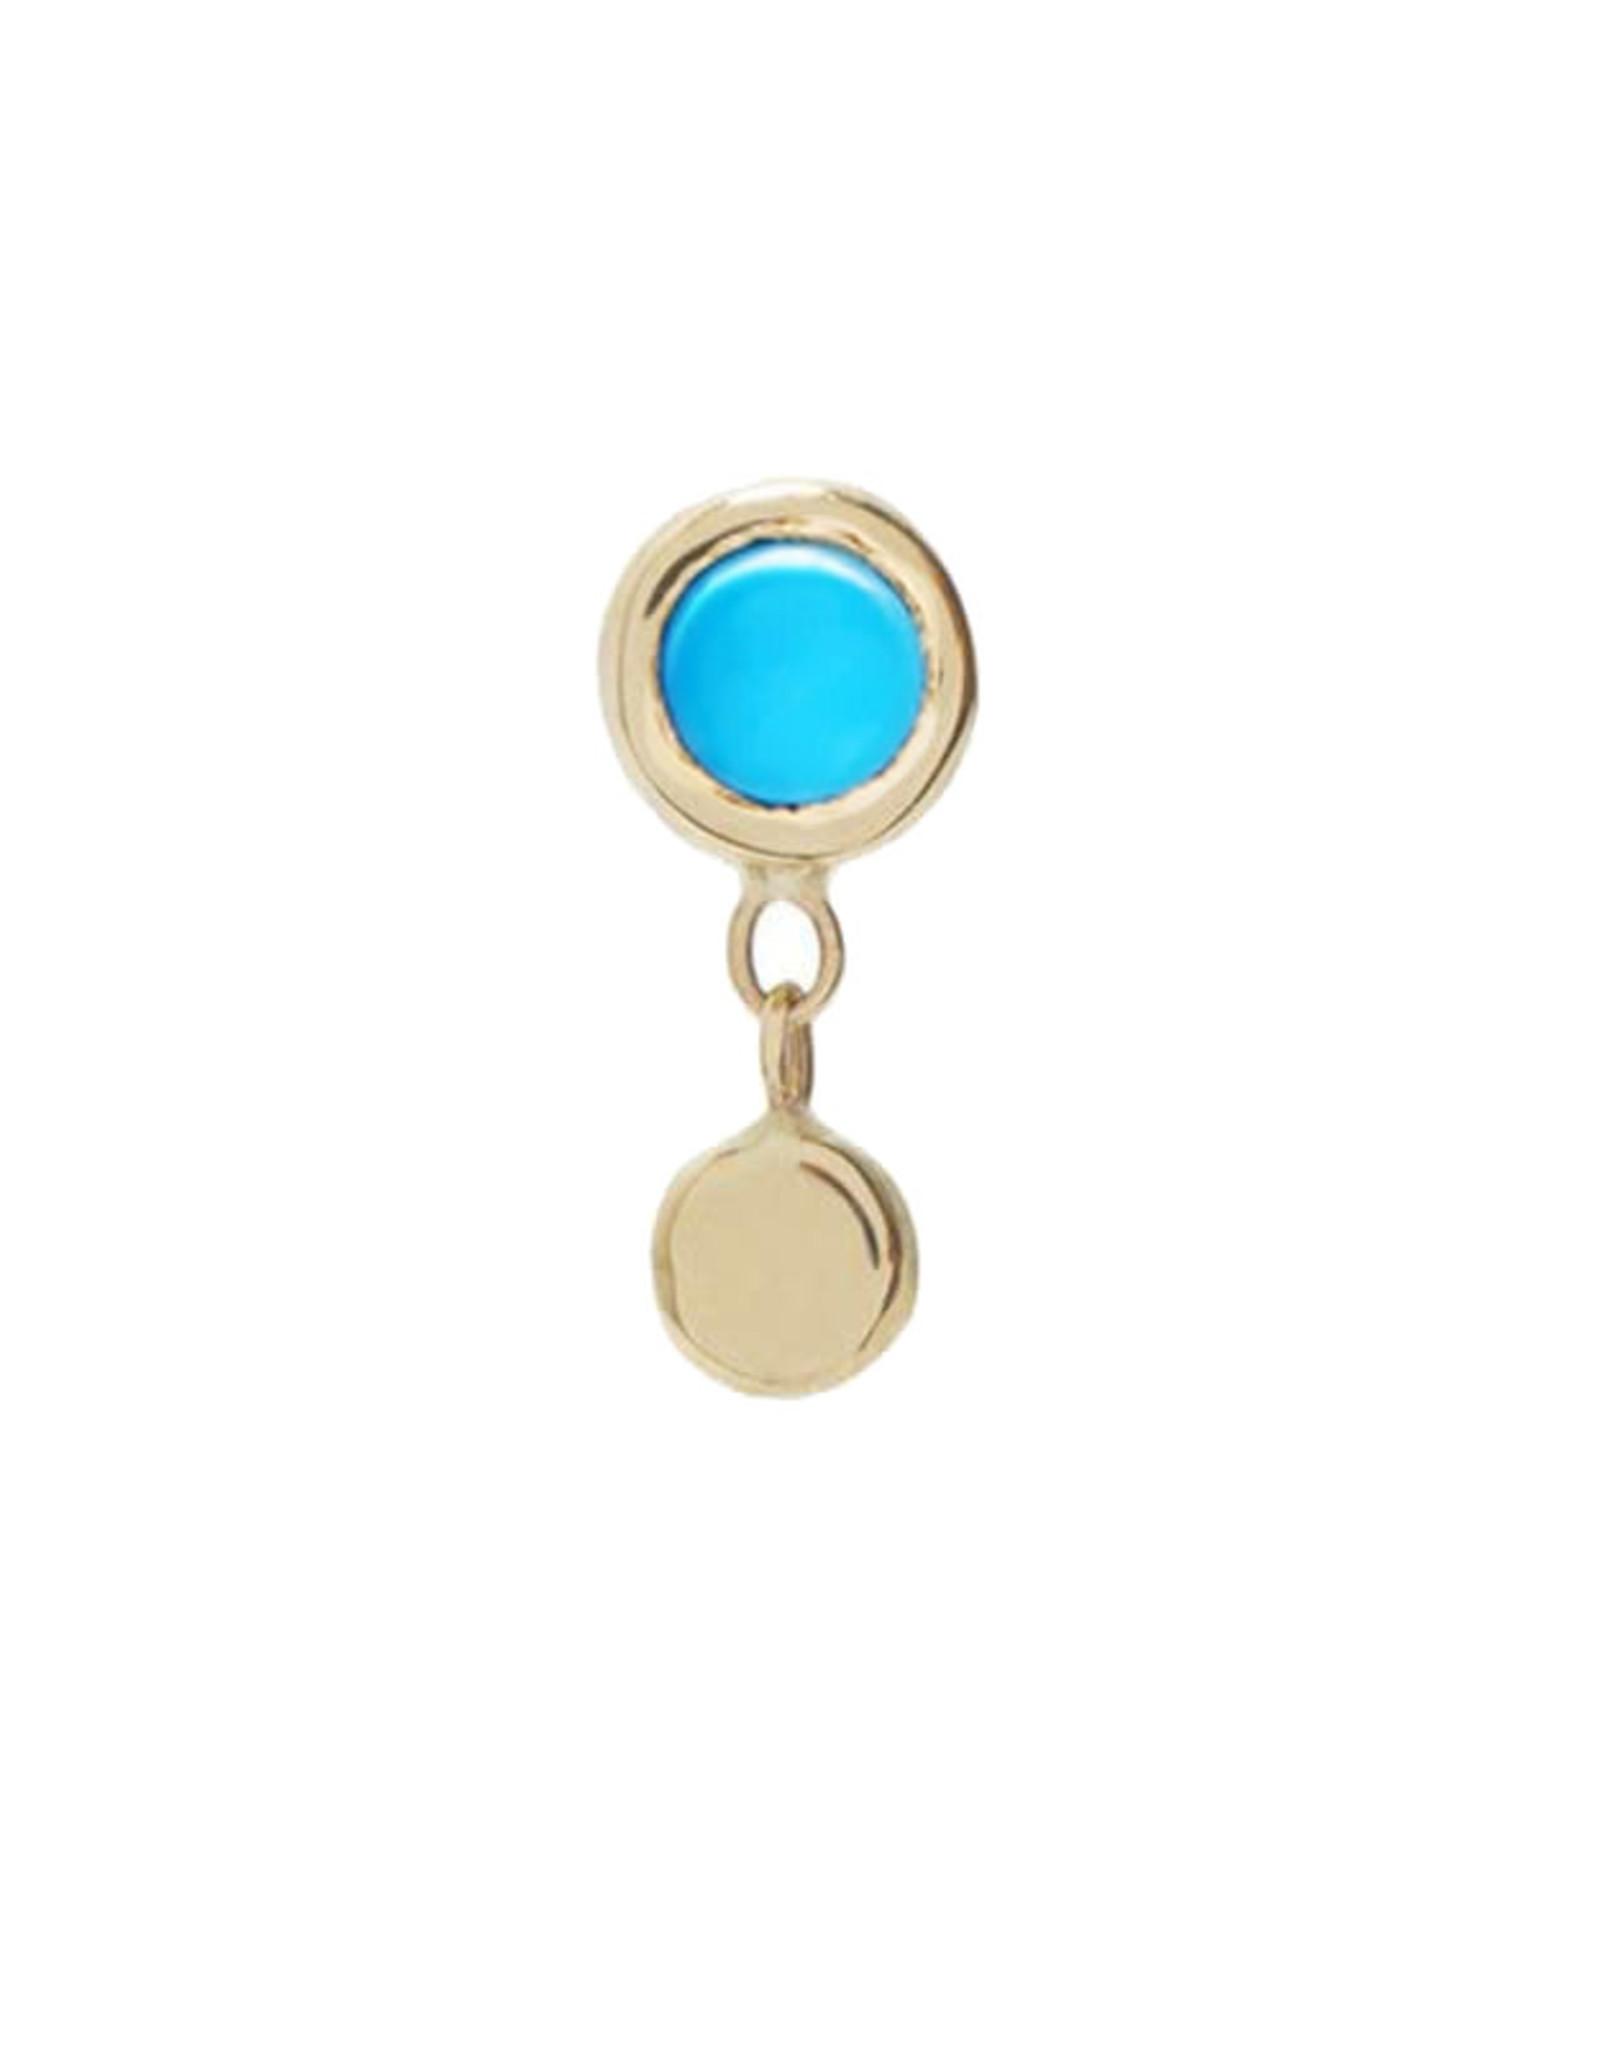 Scosha Tiny Bezel Gold Stud - Turquoise